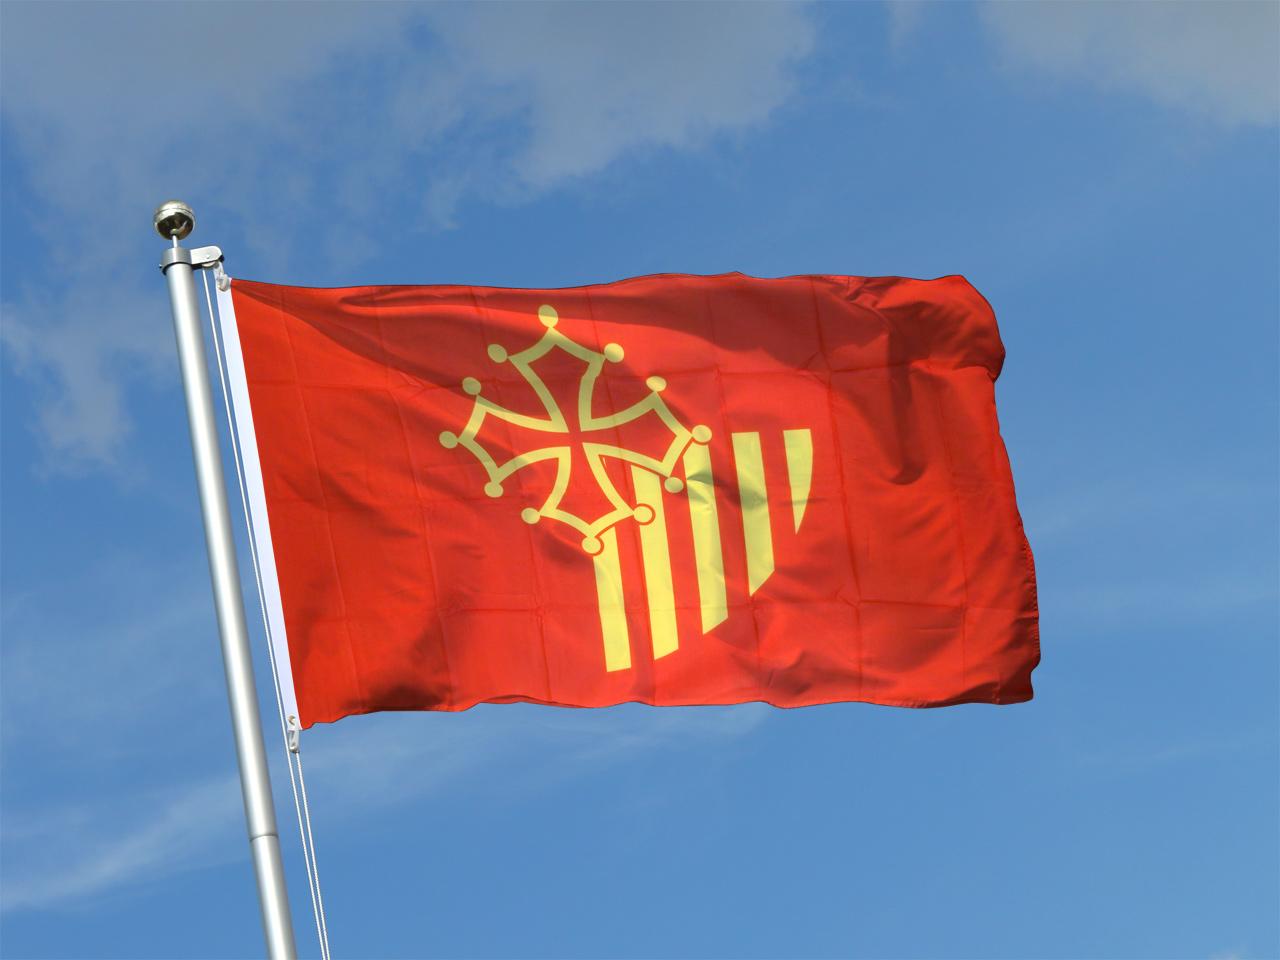 90 x 150 cm Hissflagge Fahne Flagge Frankreich Languedoc-Roussillon